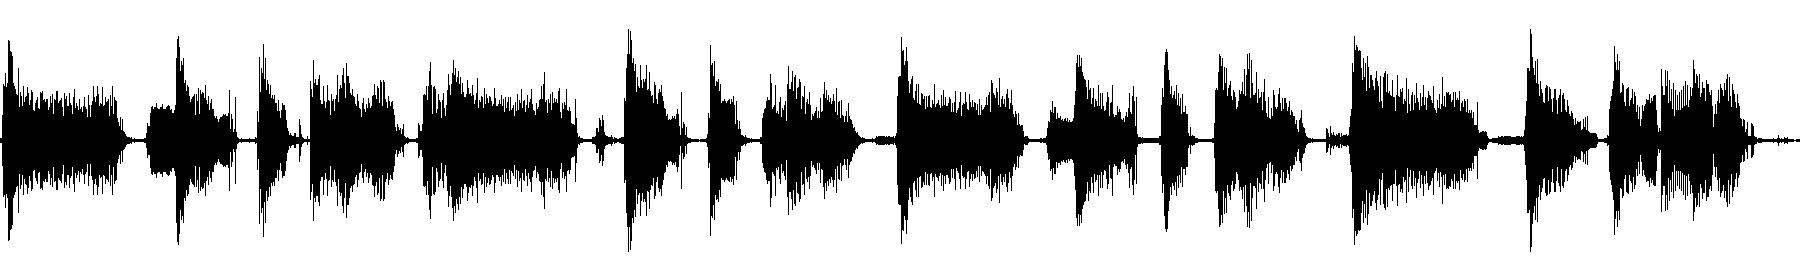 125 rhythm g sp 01